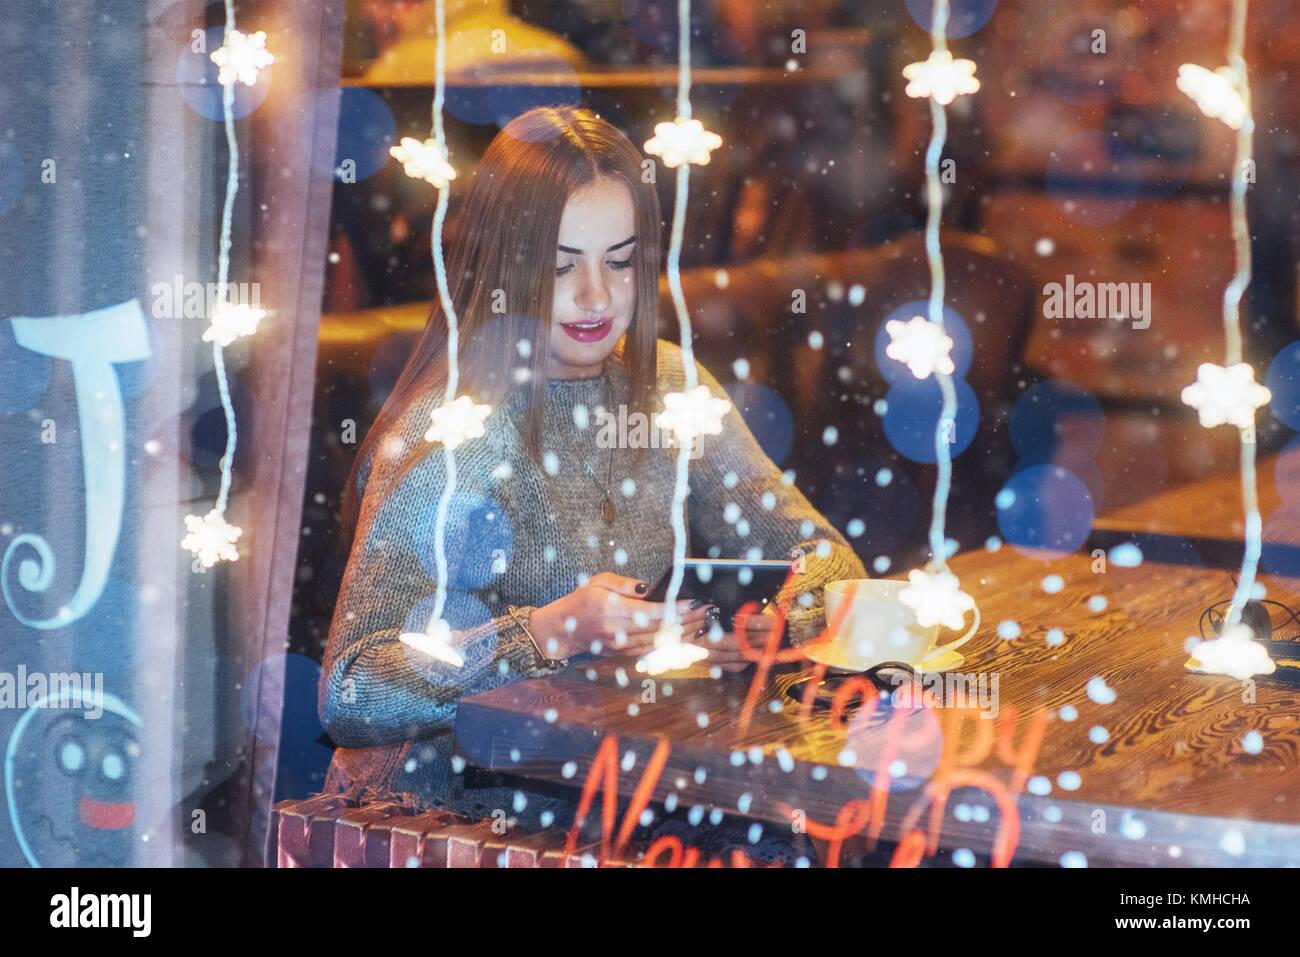 Hermosa joven mujer sentada en la cafetería, bebiendo café. Las nevadas efecto mágico. Feliz Navidad, Año Nuevo, Foto de stock